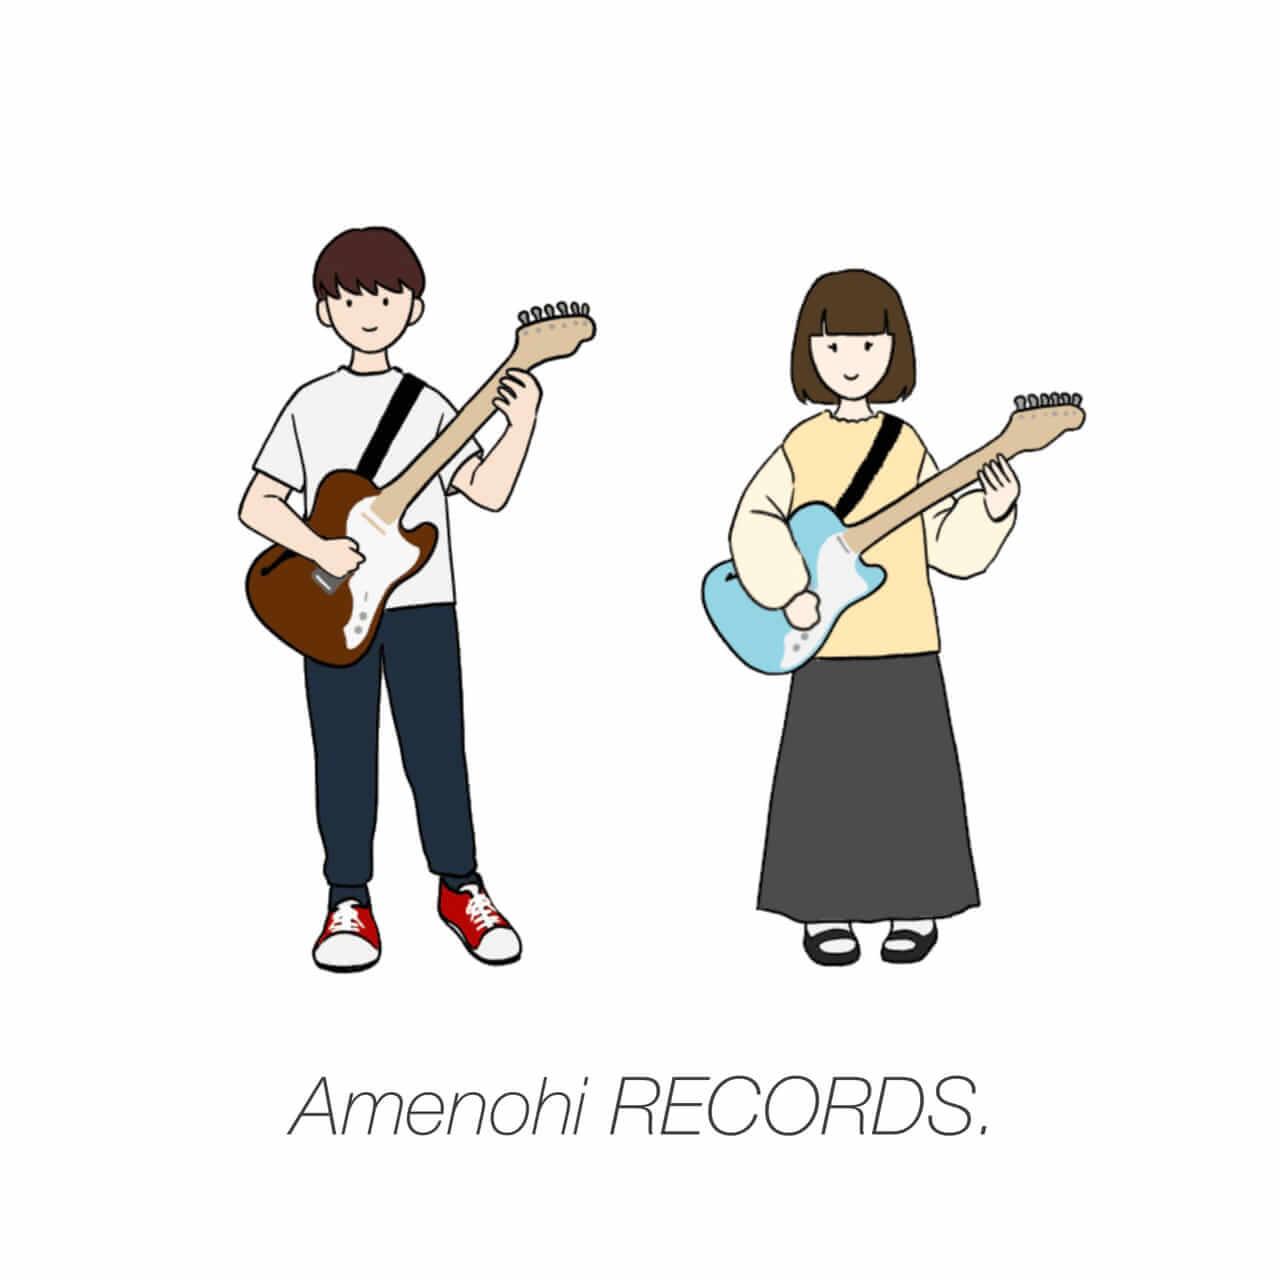 Amenohi RECORDS.